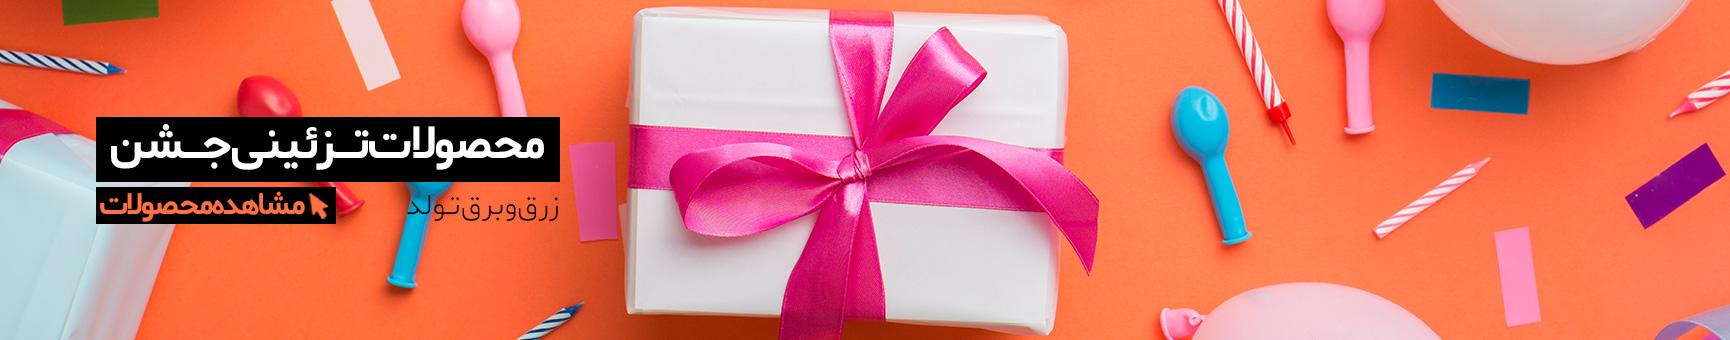 محصولات تـزئینی جشن - هورا-لوازم جشن و تولد